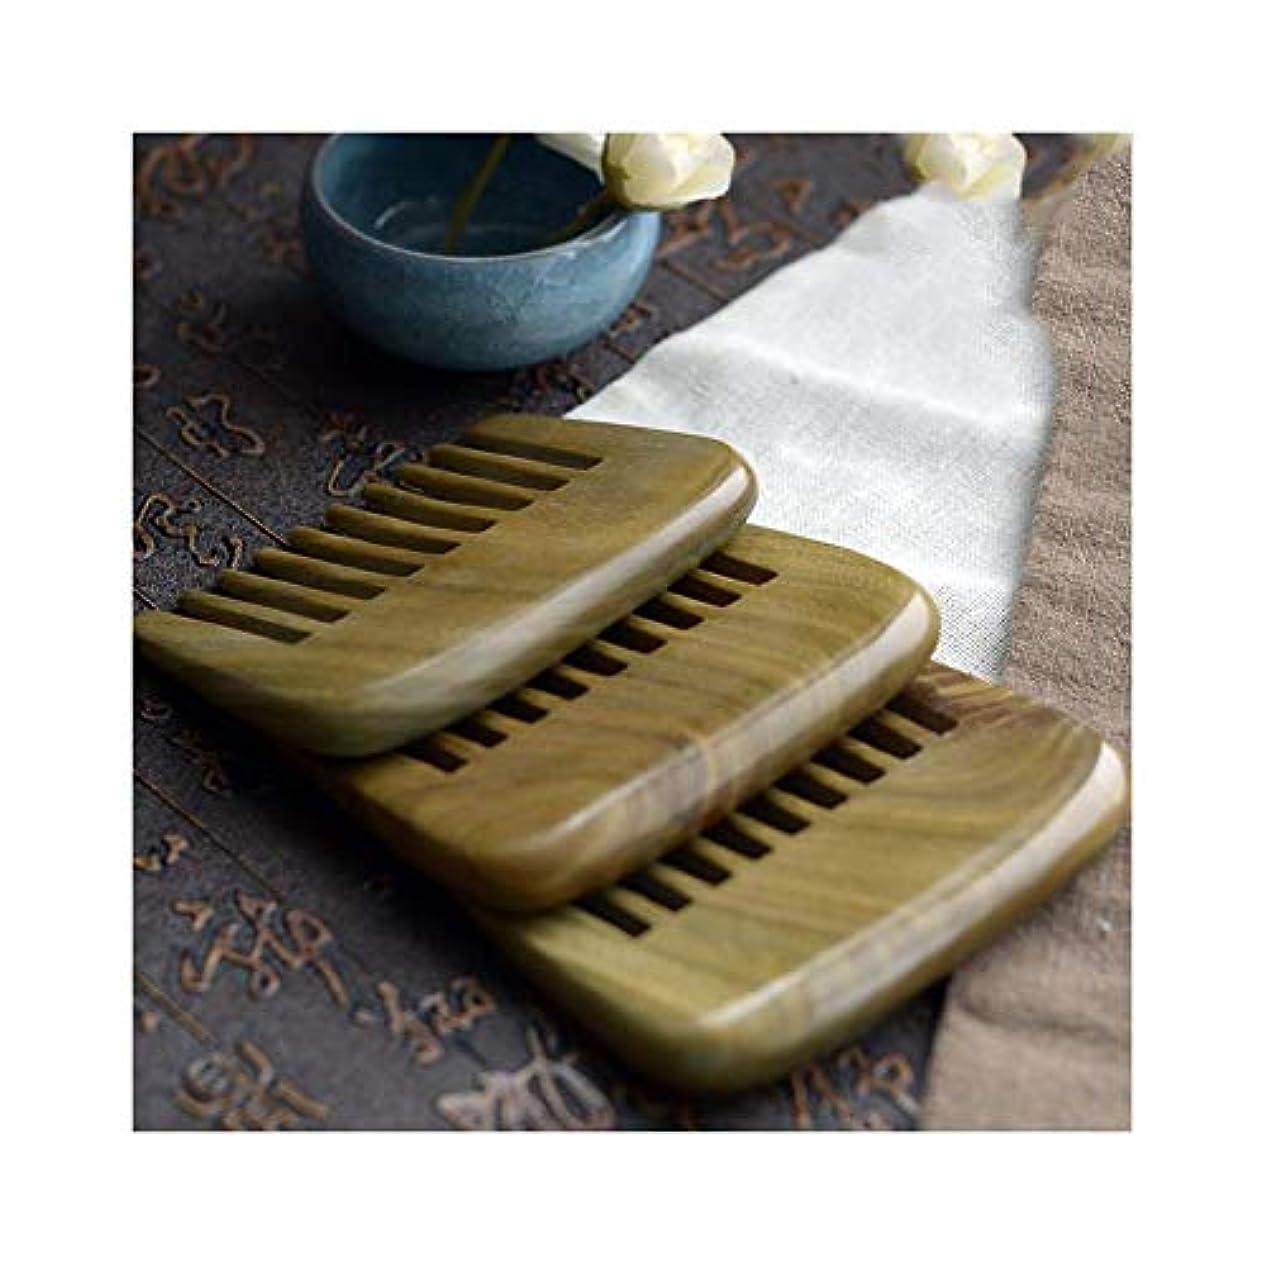 プランテーションマイクロプロセッサマナーFashianグリーンサンダルウッドワイド歯ナチュラルくし、手作りの木製くし抗静的ヘアブラシ ヘアケア